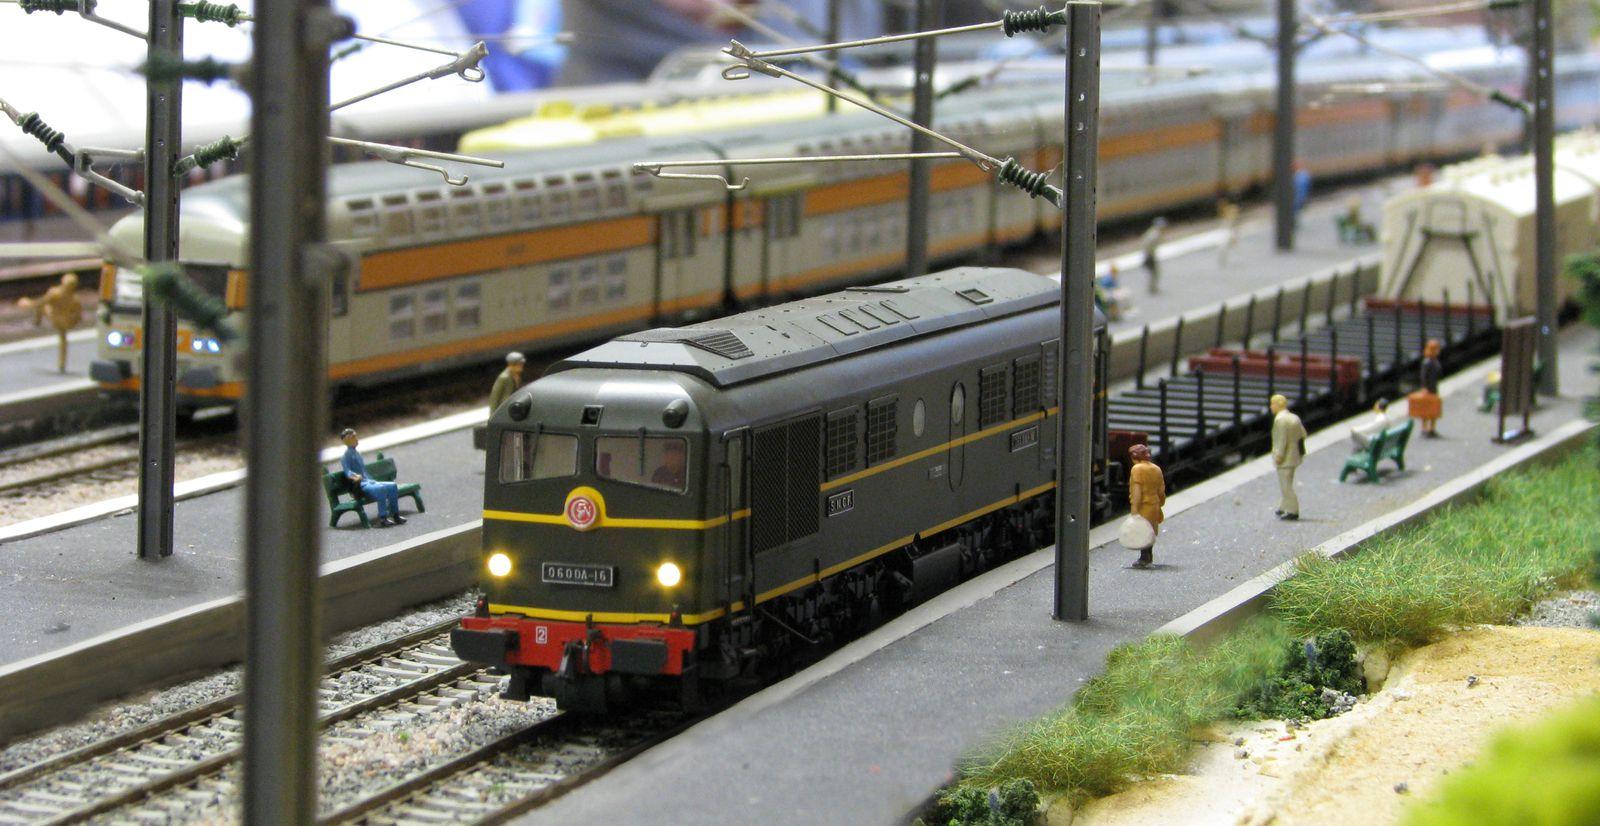 En gare de Verrières, les voyageurs sur le quai n°1 peuvent entendre le grondement particulier du moteur Sulzer 12 LDA 28 de la 060 DA 16.